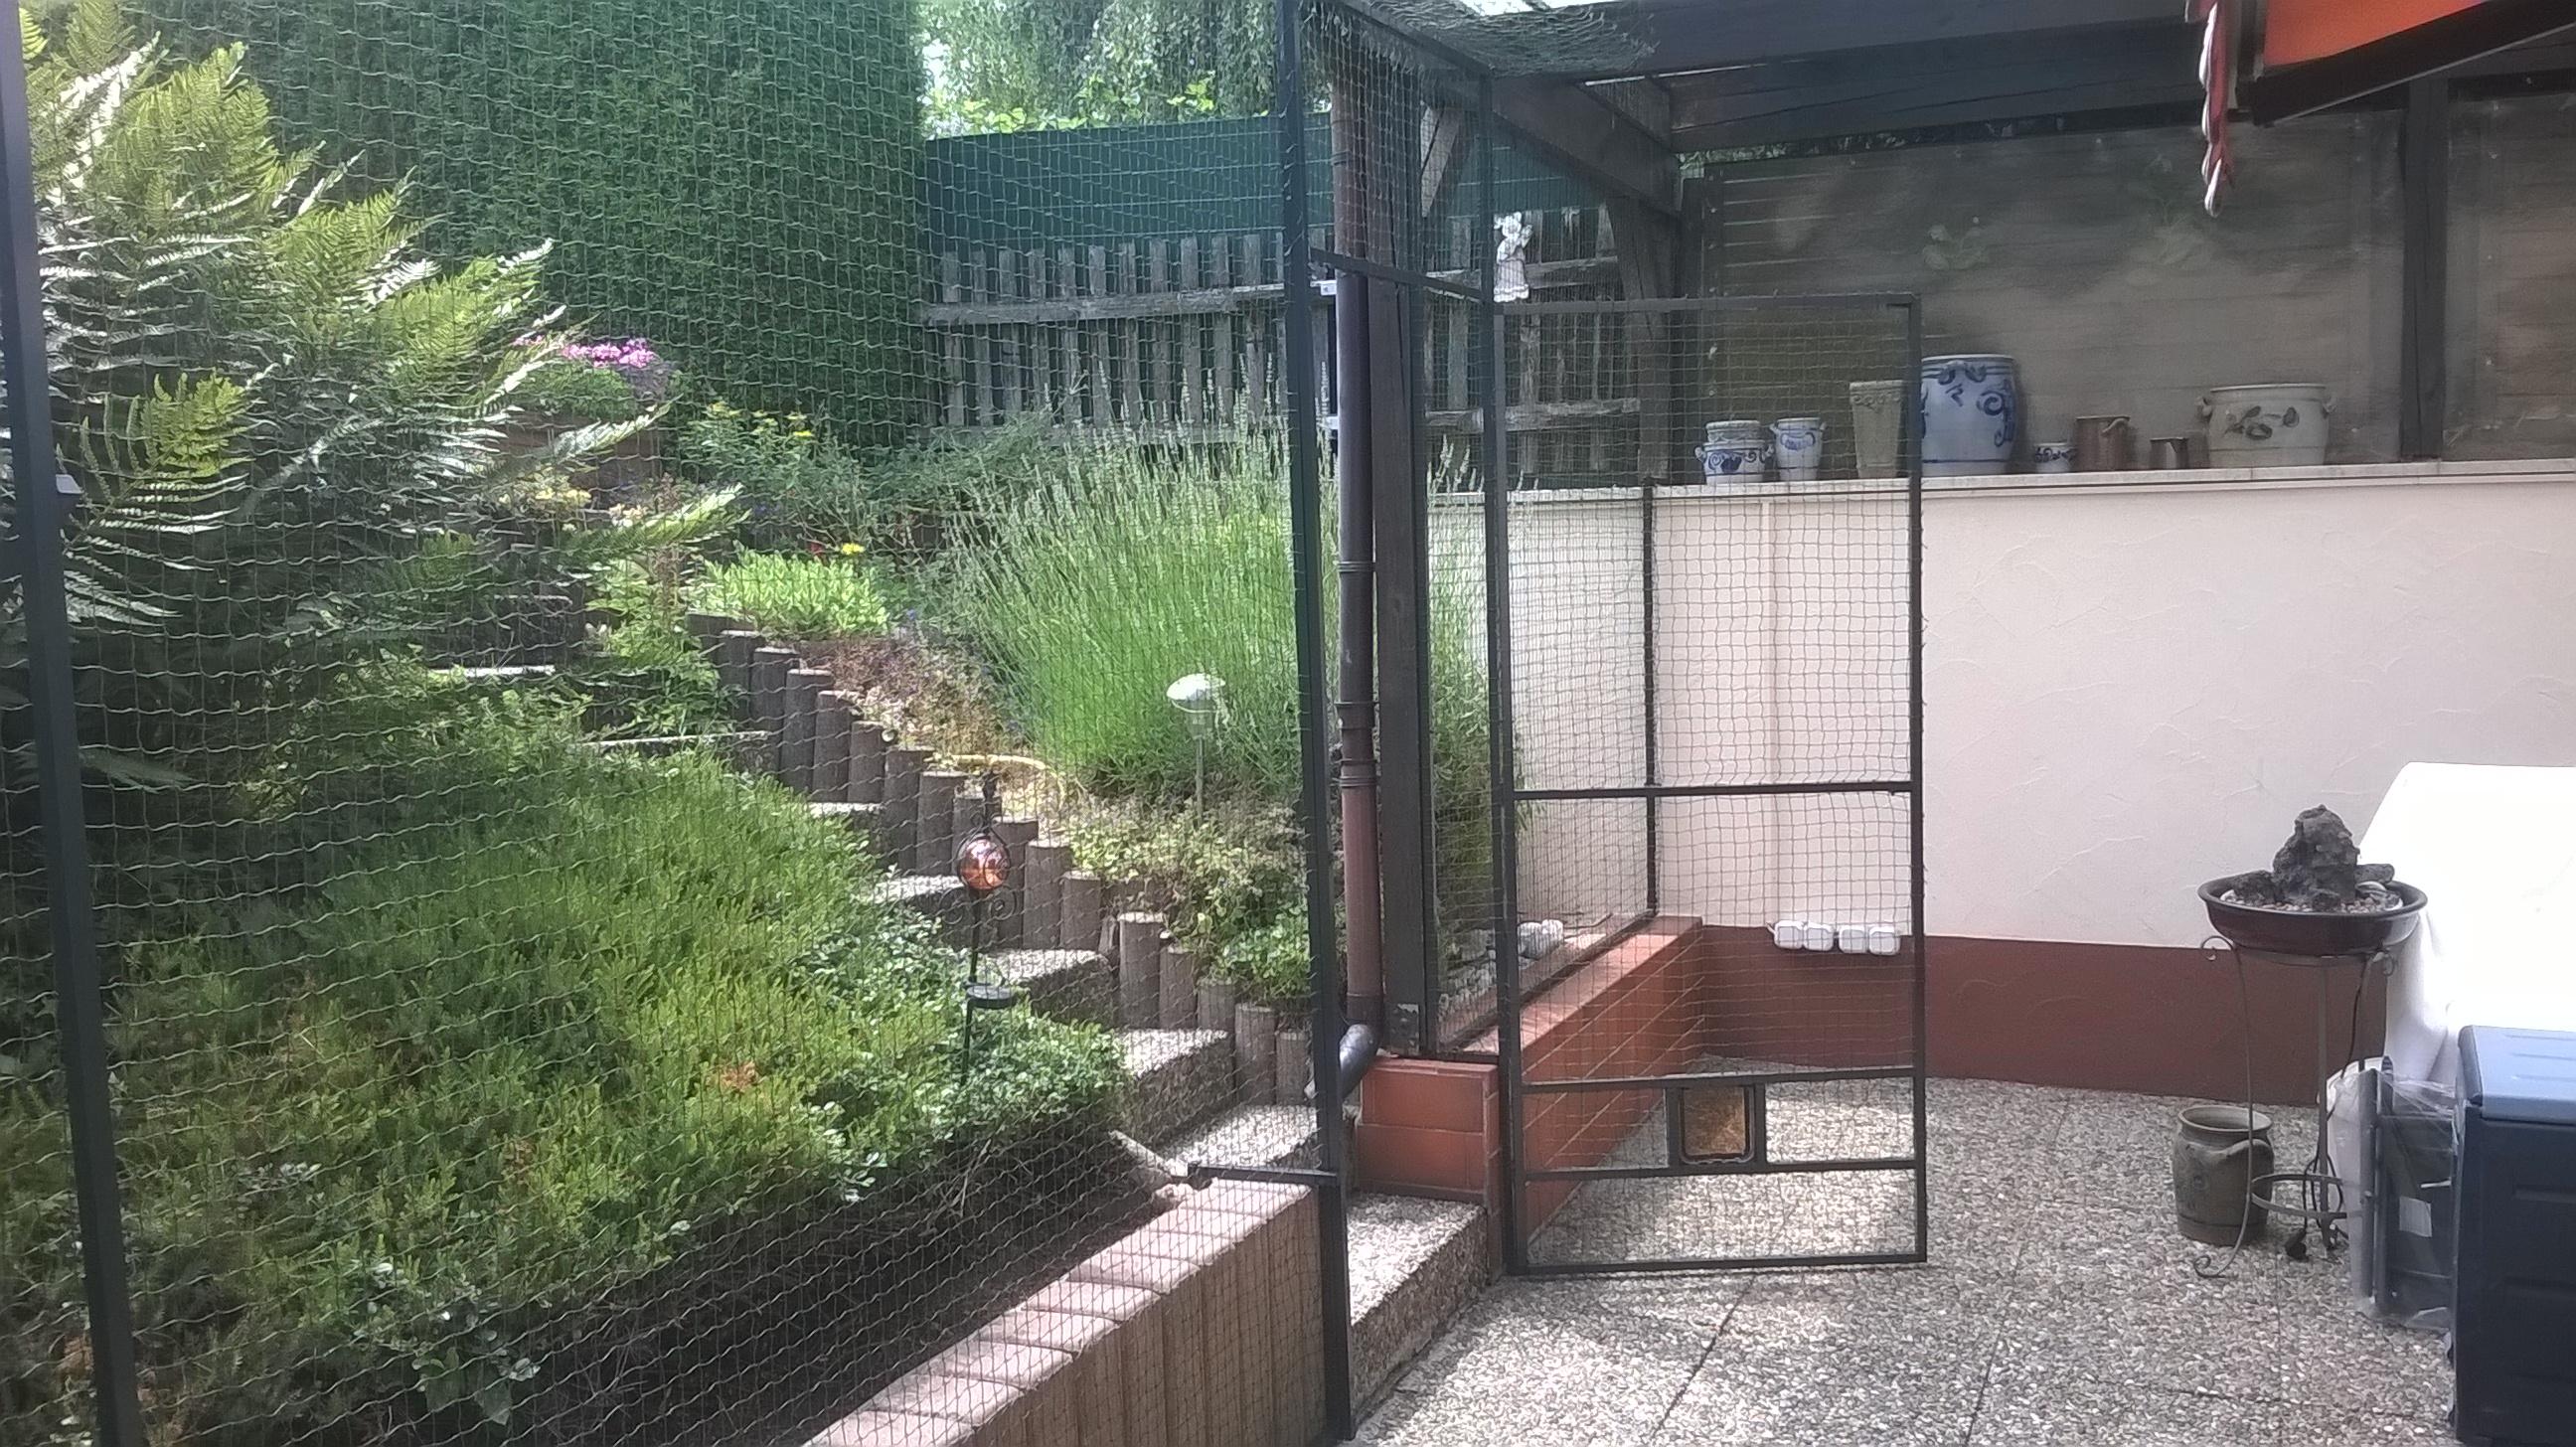 Hervorragend Terrassenvernetzung – Katzennetz Terrasse | Katzennetze NRW - Der MT58